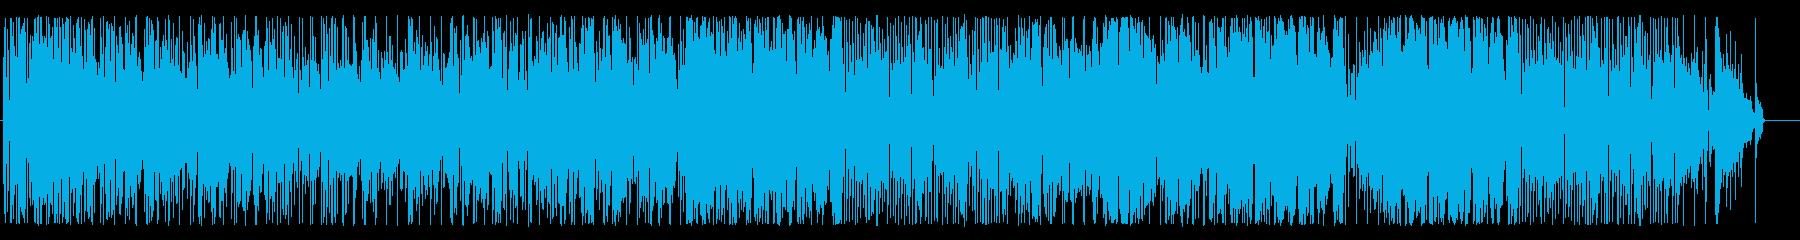 大渡海の再生済みの波形